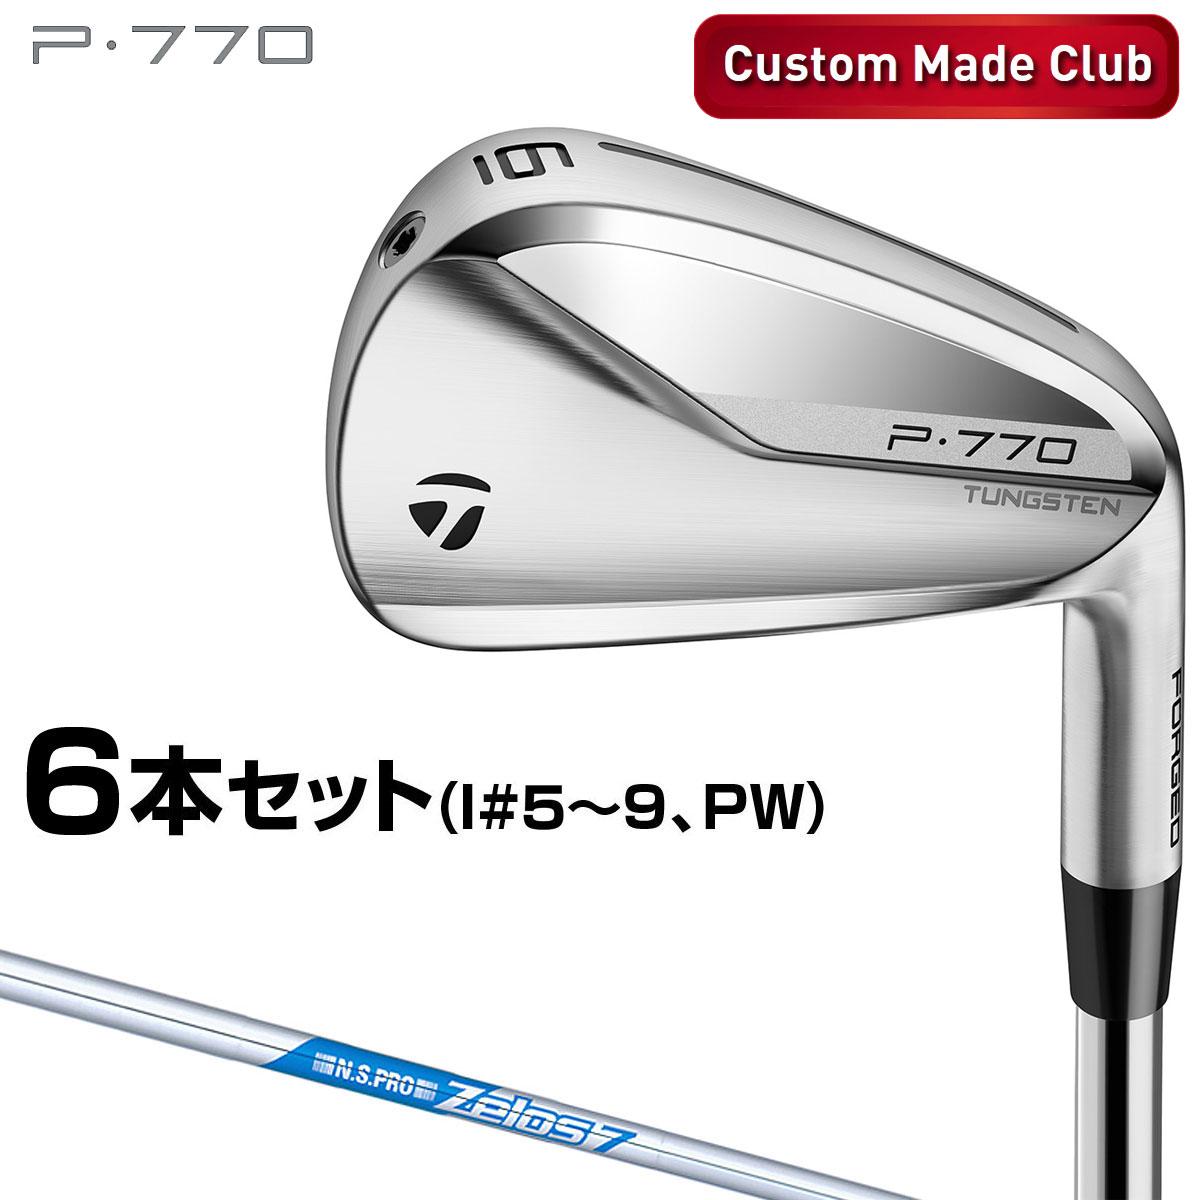 「カスタムメイドクラブ」TaylorMade(テーラーメイド)日本正規品 P770アイアン 2020モデル NSPRO ZELOS7スチールシャフト 6本セット(I#5~9、PW)